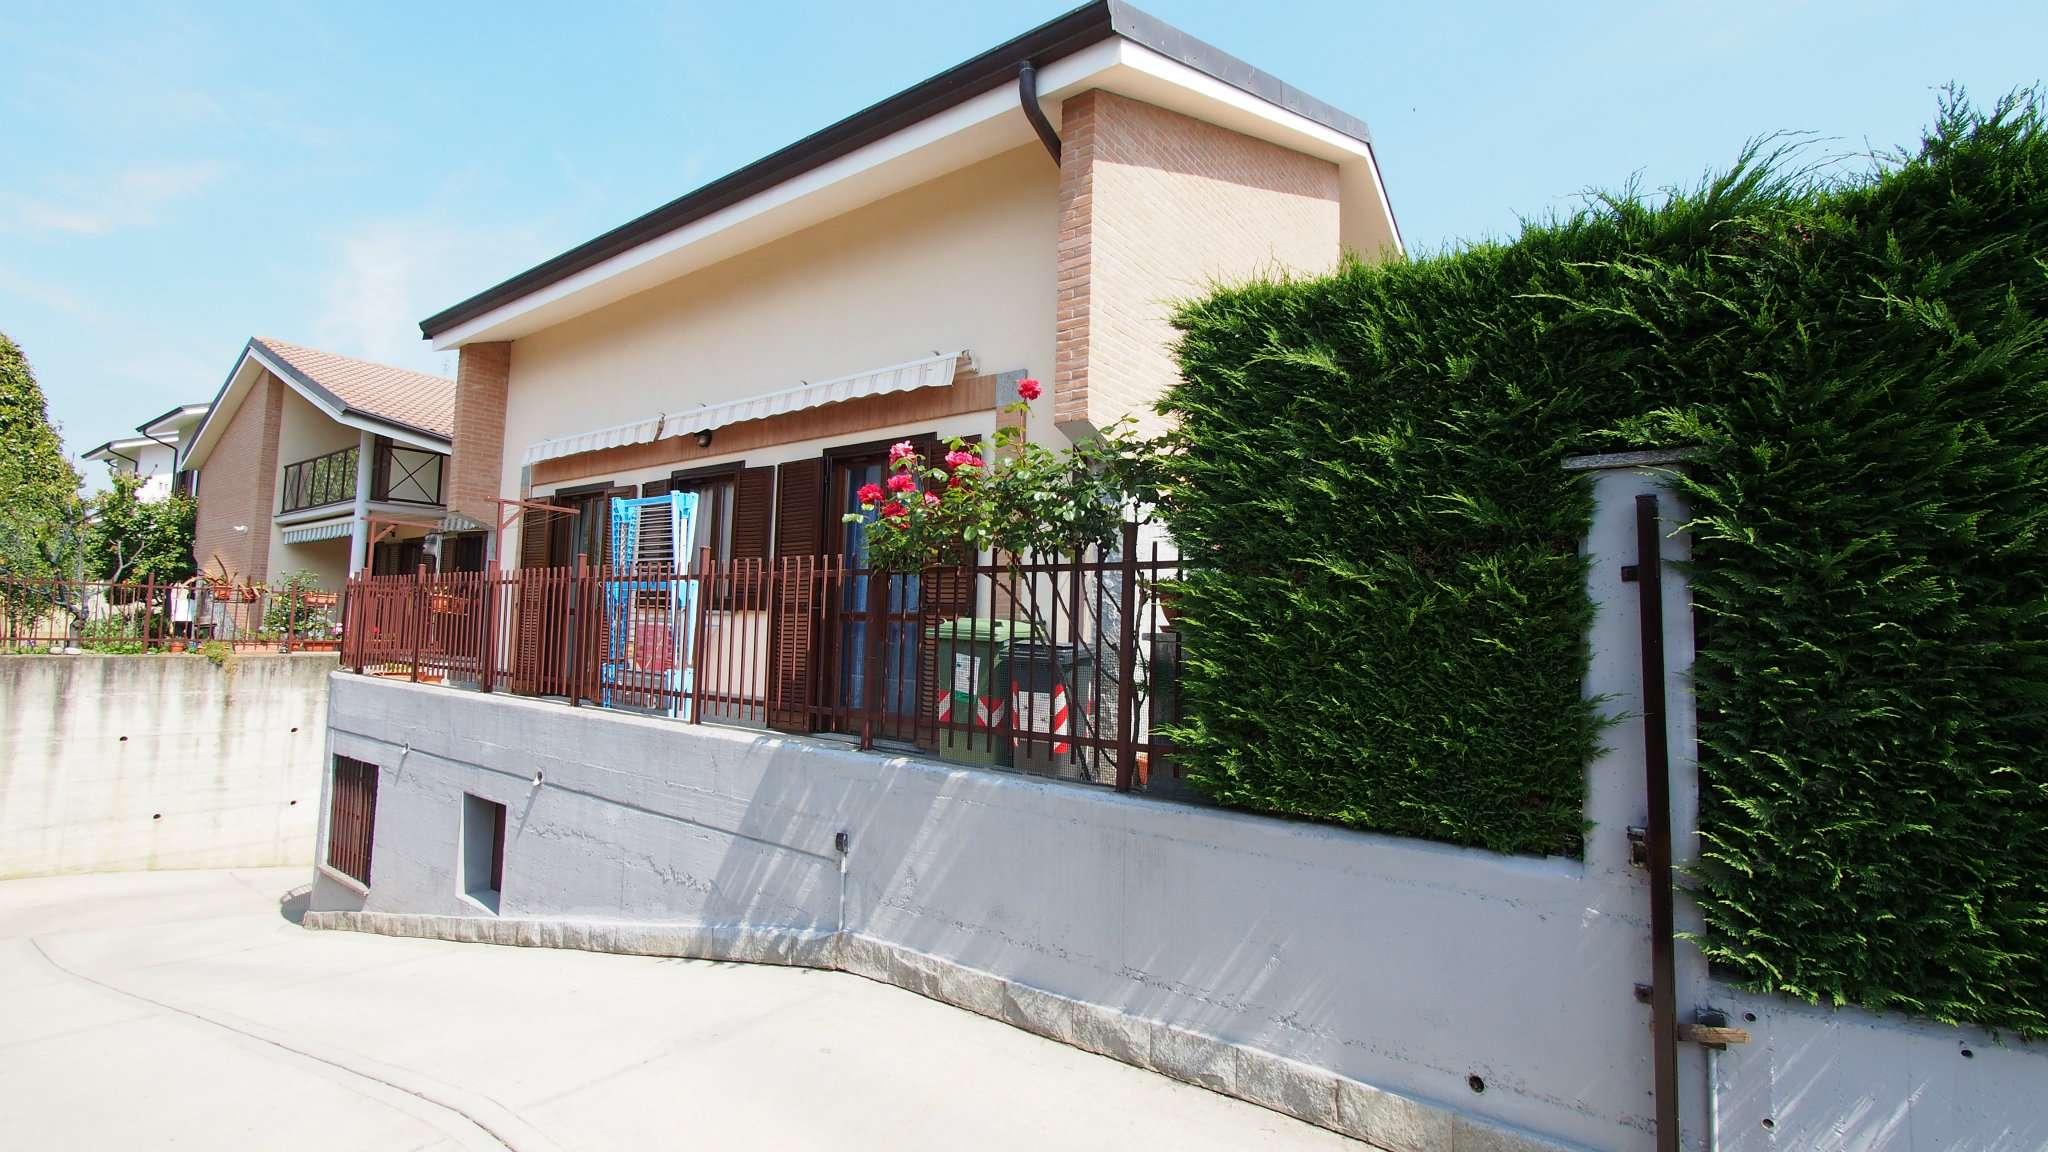 Soluzione Indipendente in vendita a Rivalta di Torino, 8 locali, prezzo € 338.000   Cambio Casa.it